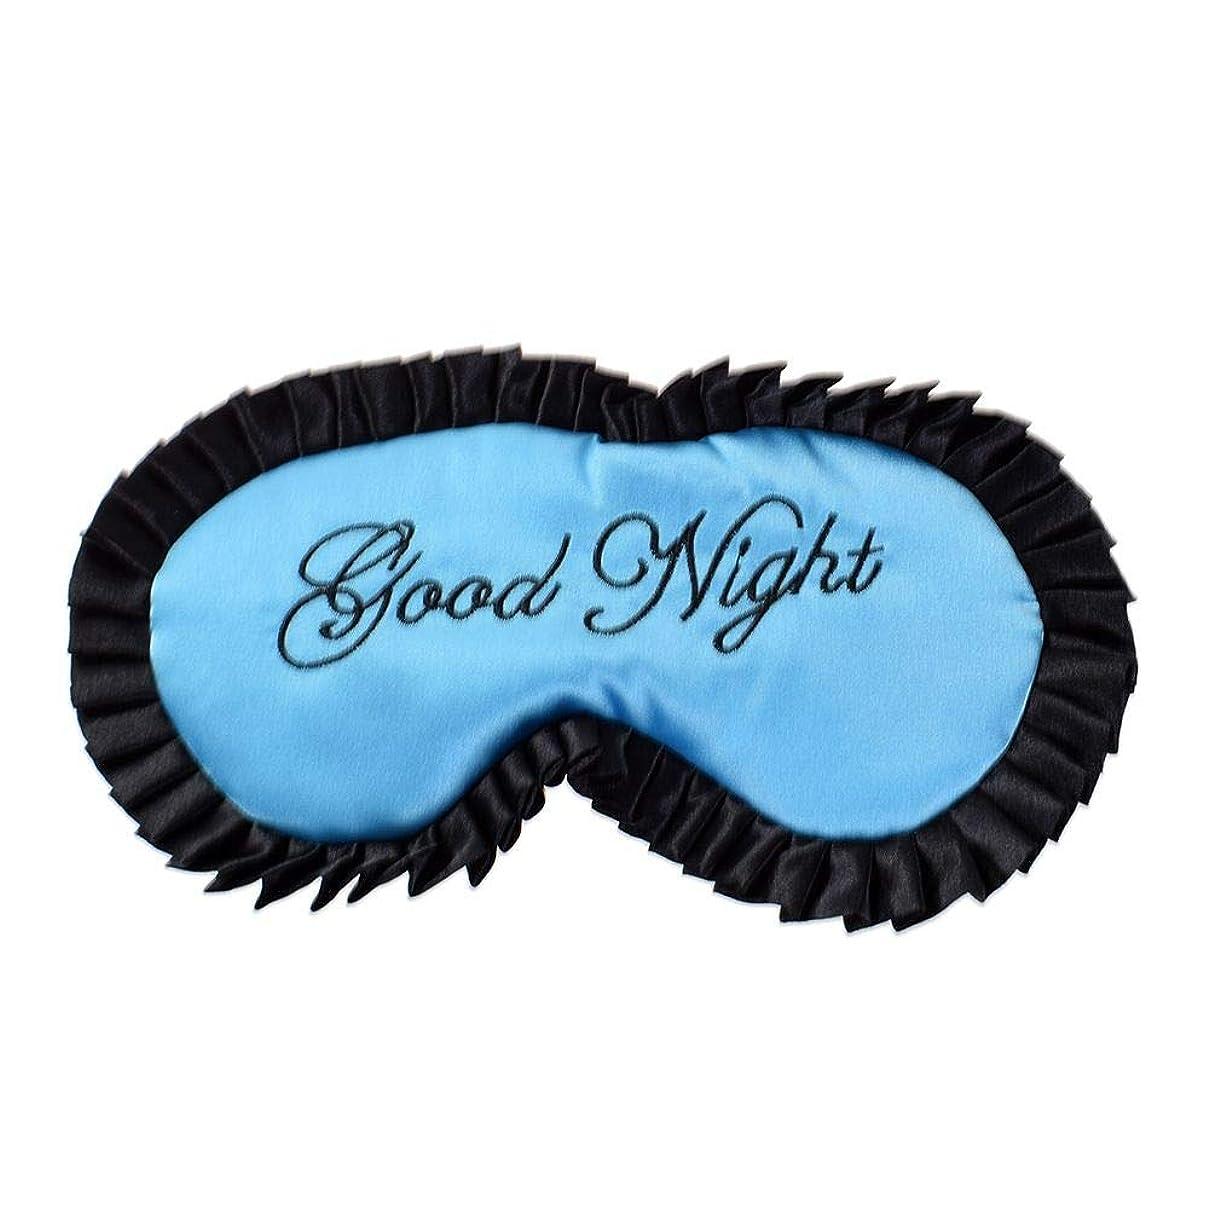 聖職者笑い近代化するNOTE 1ピース新しい快適な模造シルクサテンワード睡眠マスクアイカバーパーソナライズされた旅行睡眠マスクドロップシッピング